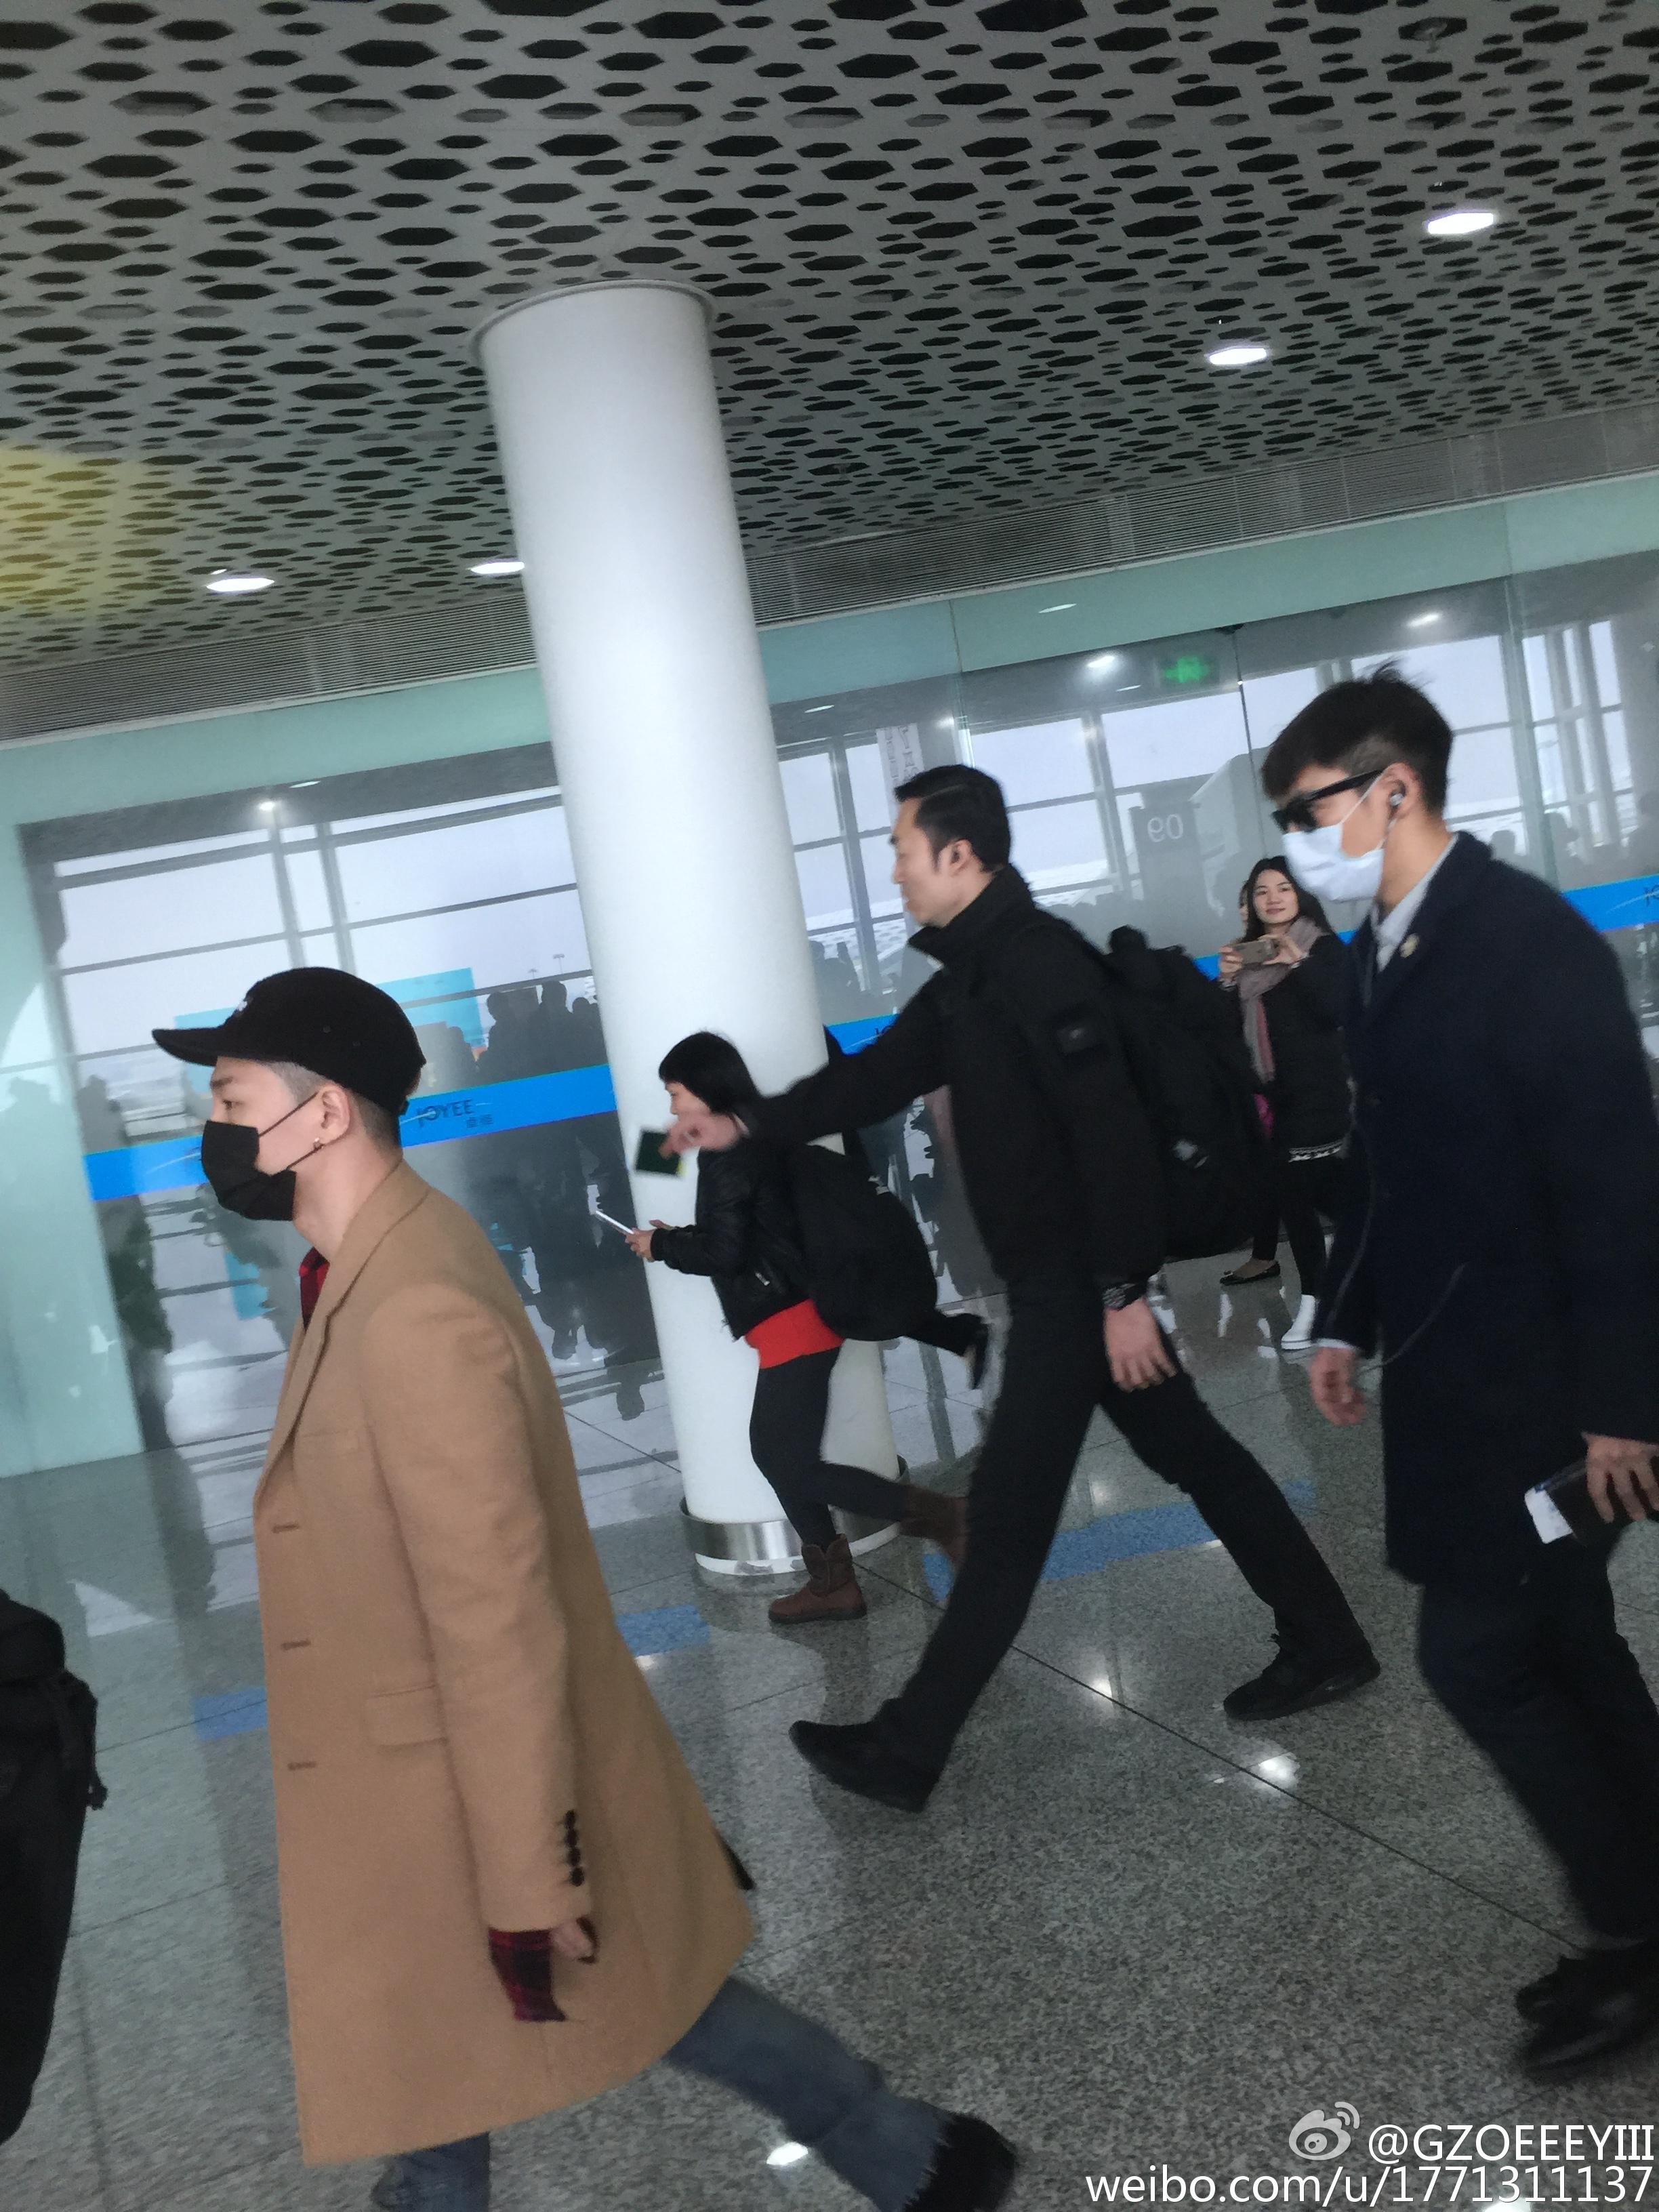 Shenzhen Airport 2016-03-14 (26)